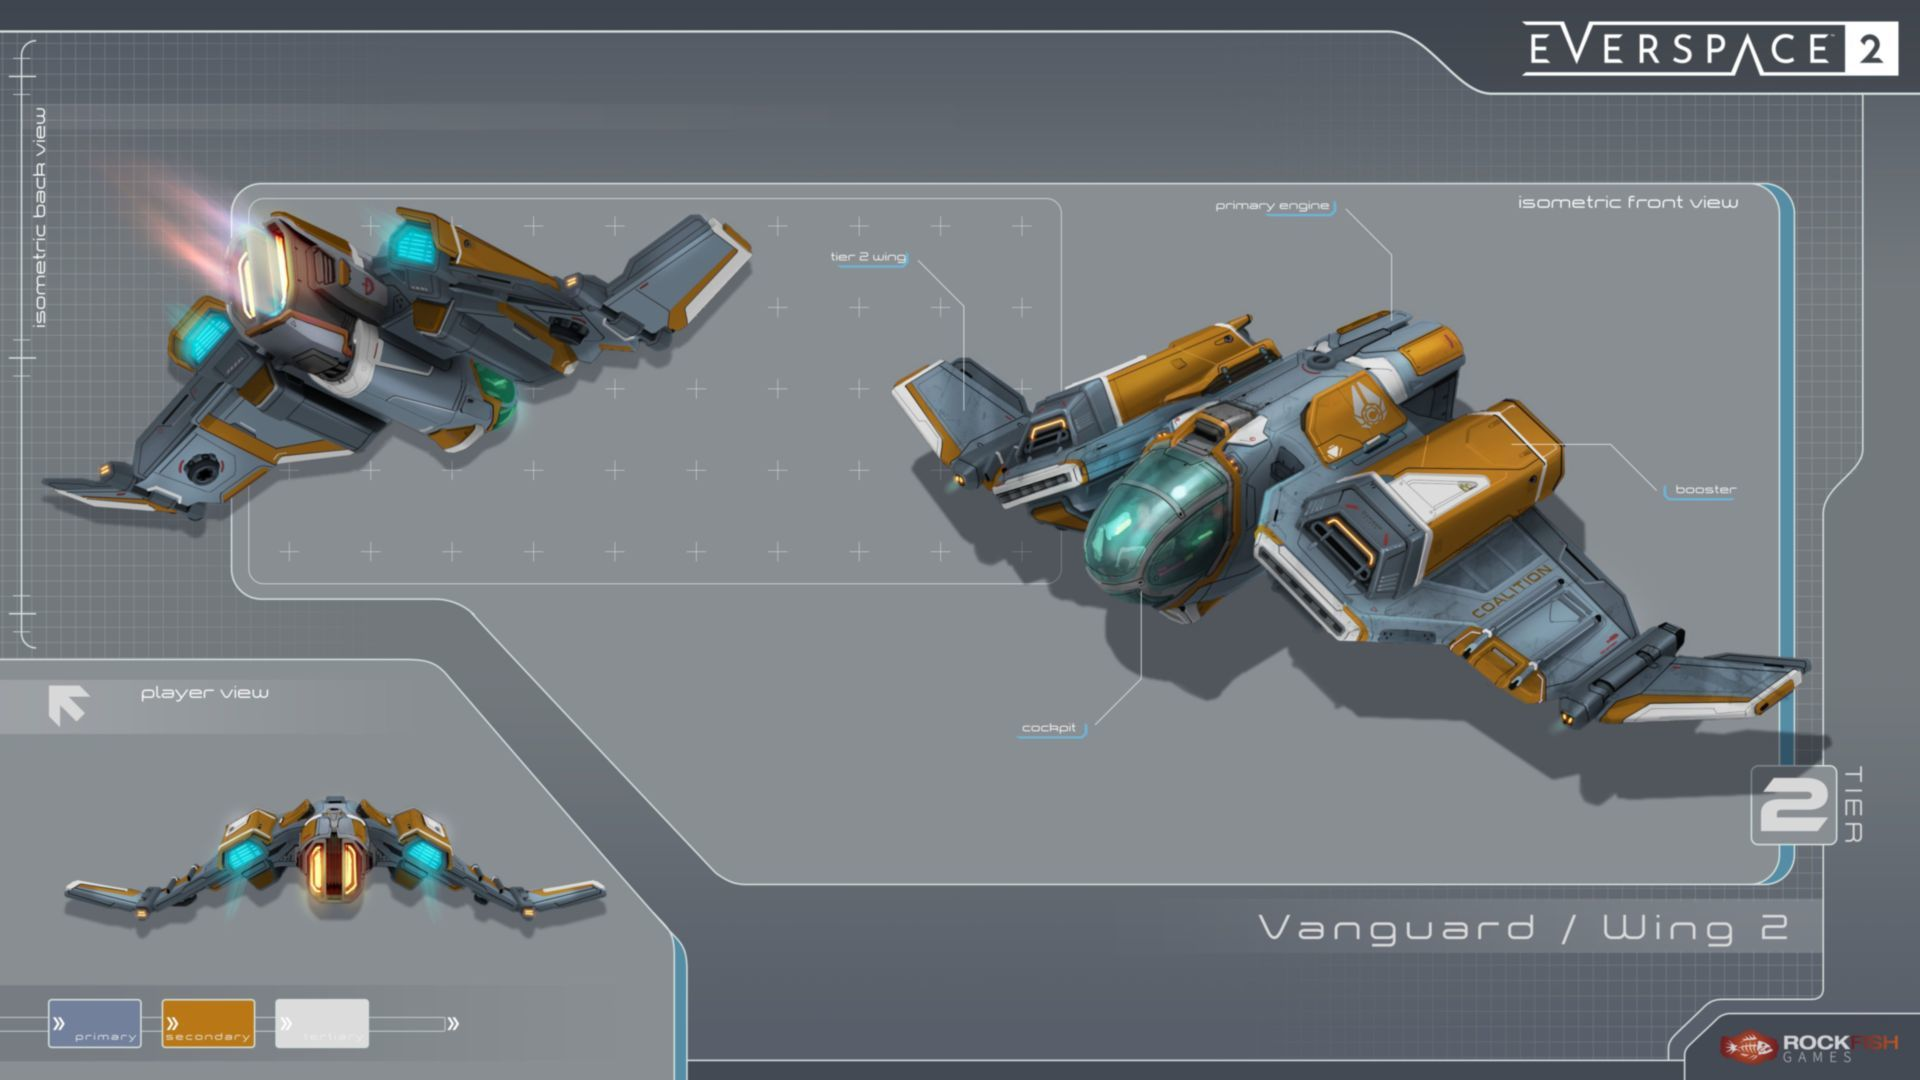 Everspace 2 představuje plán chystaných aktualizací Vanguard